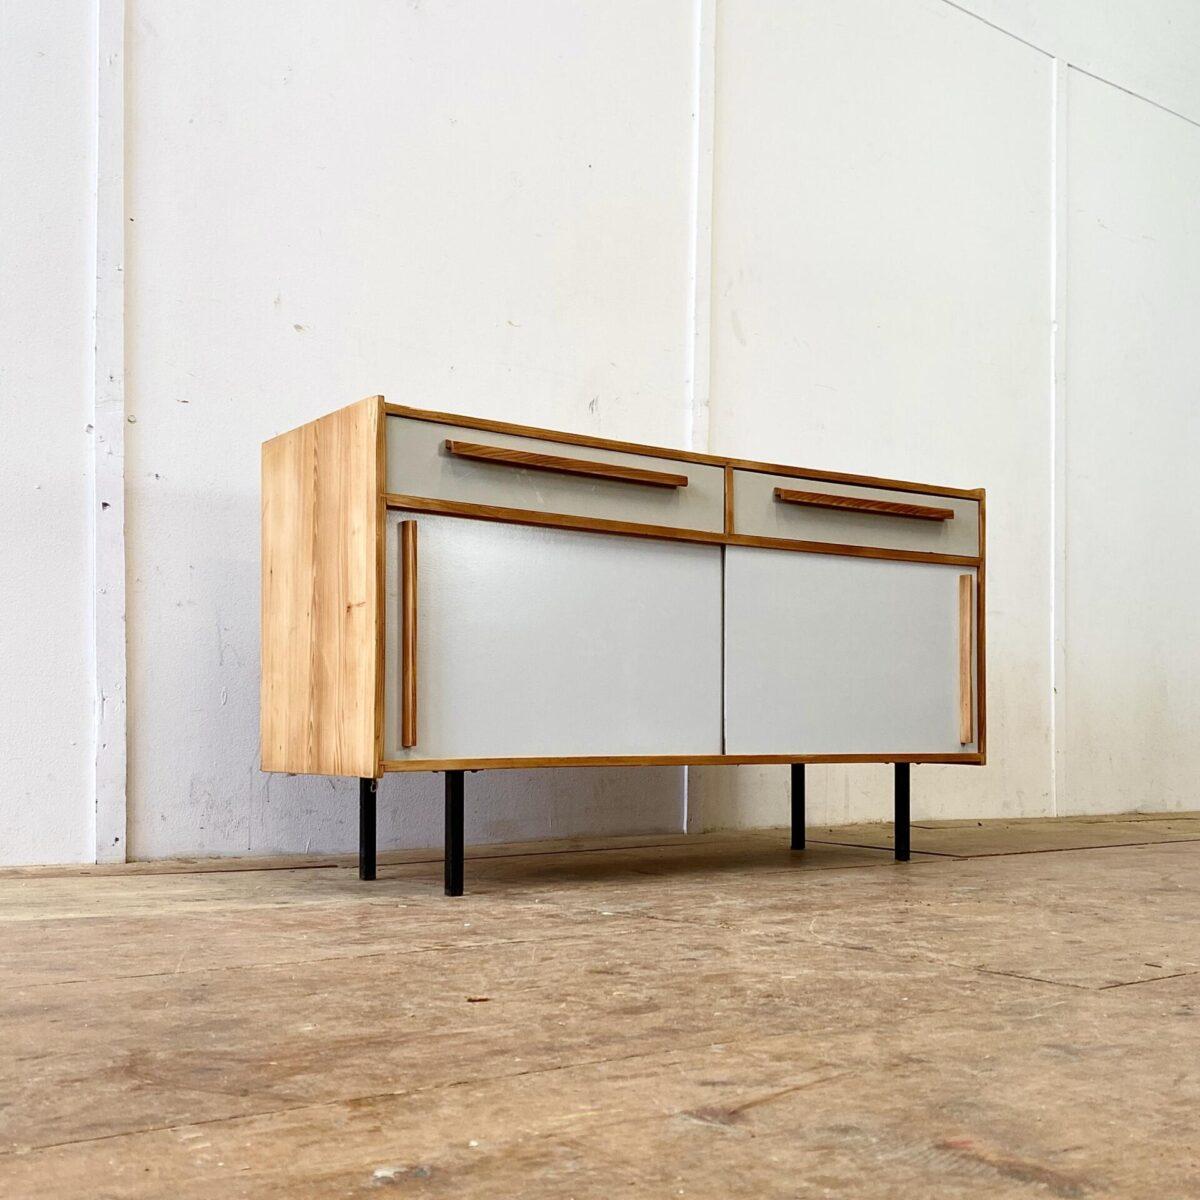 Helles Tannenholz Sideboard mit Schiebetüren und Schubladen. 120x40cm Höhe 67cm. Die Kommode steht auf schwarz lackierten Metallfüssen. Die Holzelemente sind geschliffen und geölt. Die Farbe der Schiebetüren sind leicht heller als die Schubladenfronten.